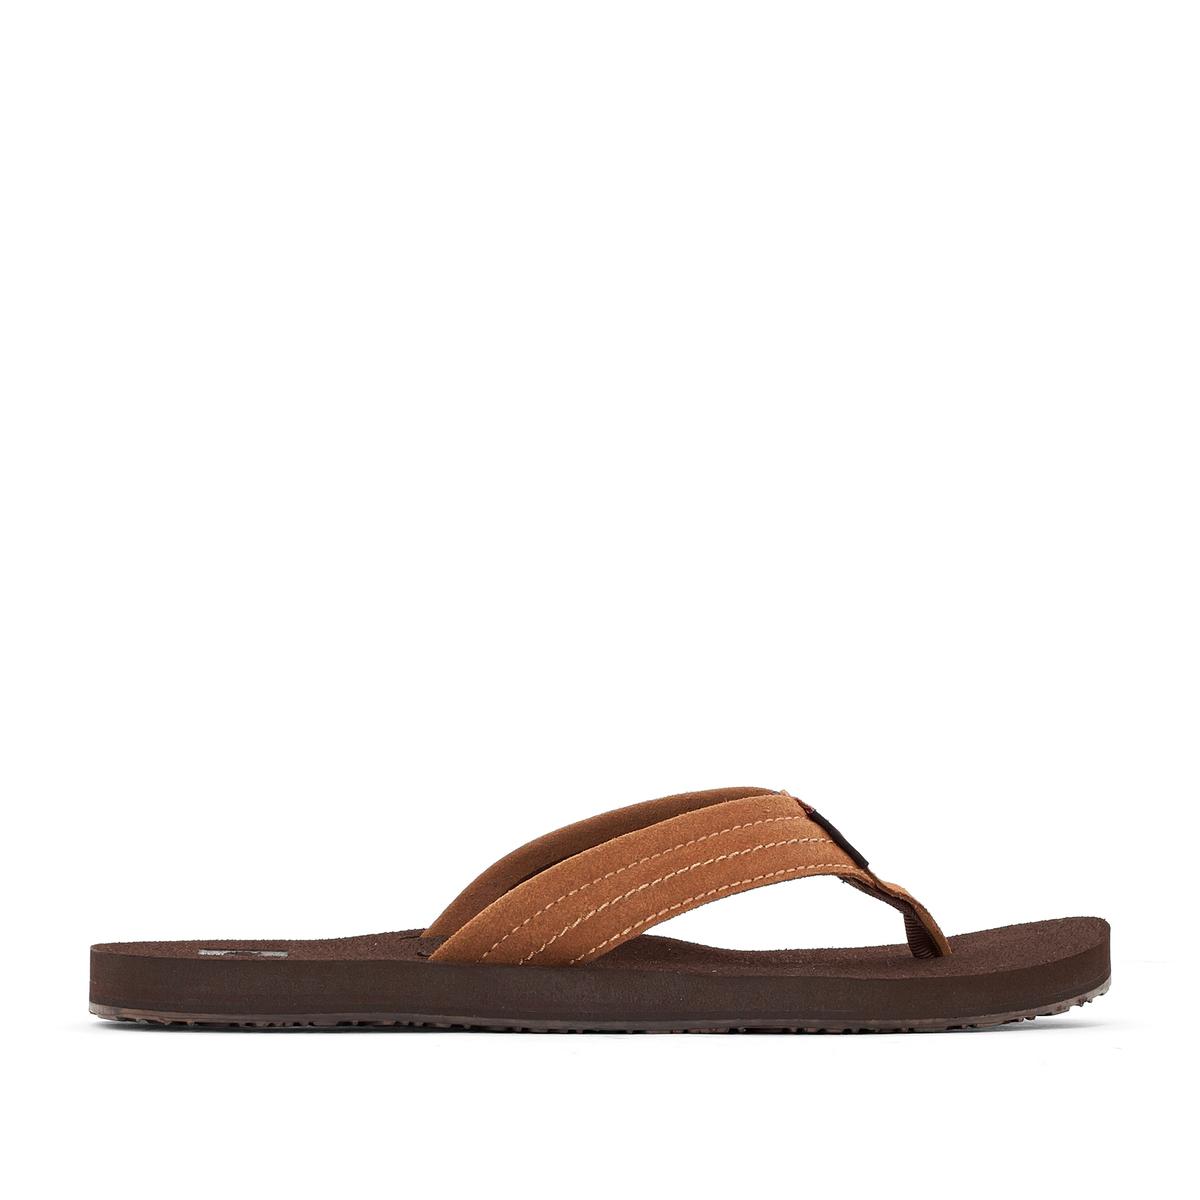 Вьетнамки SmokeyВерх/Голенище : кожа   Стелька : кожа   Подошва : каучук   Форма каблука : плоский каблук   Мысок : открытый мысок   Застежка : без застежки<br><br>Цвет: каштановый<br>Размер: 39.41.46